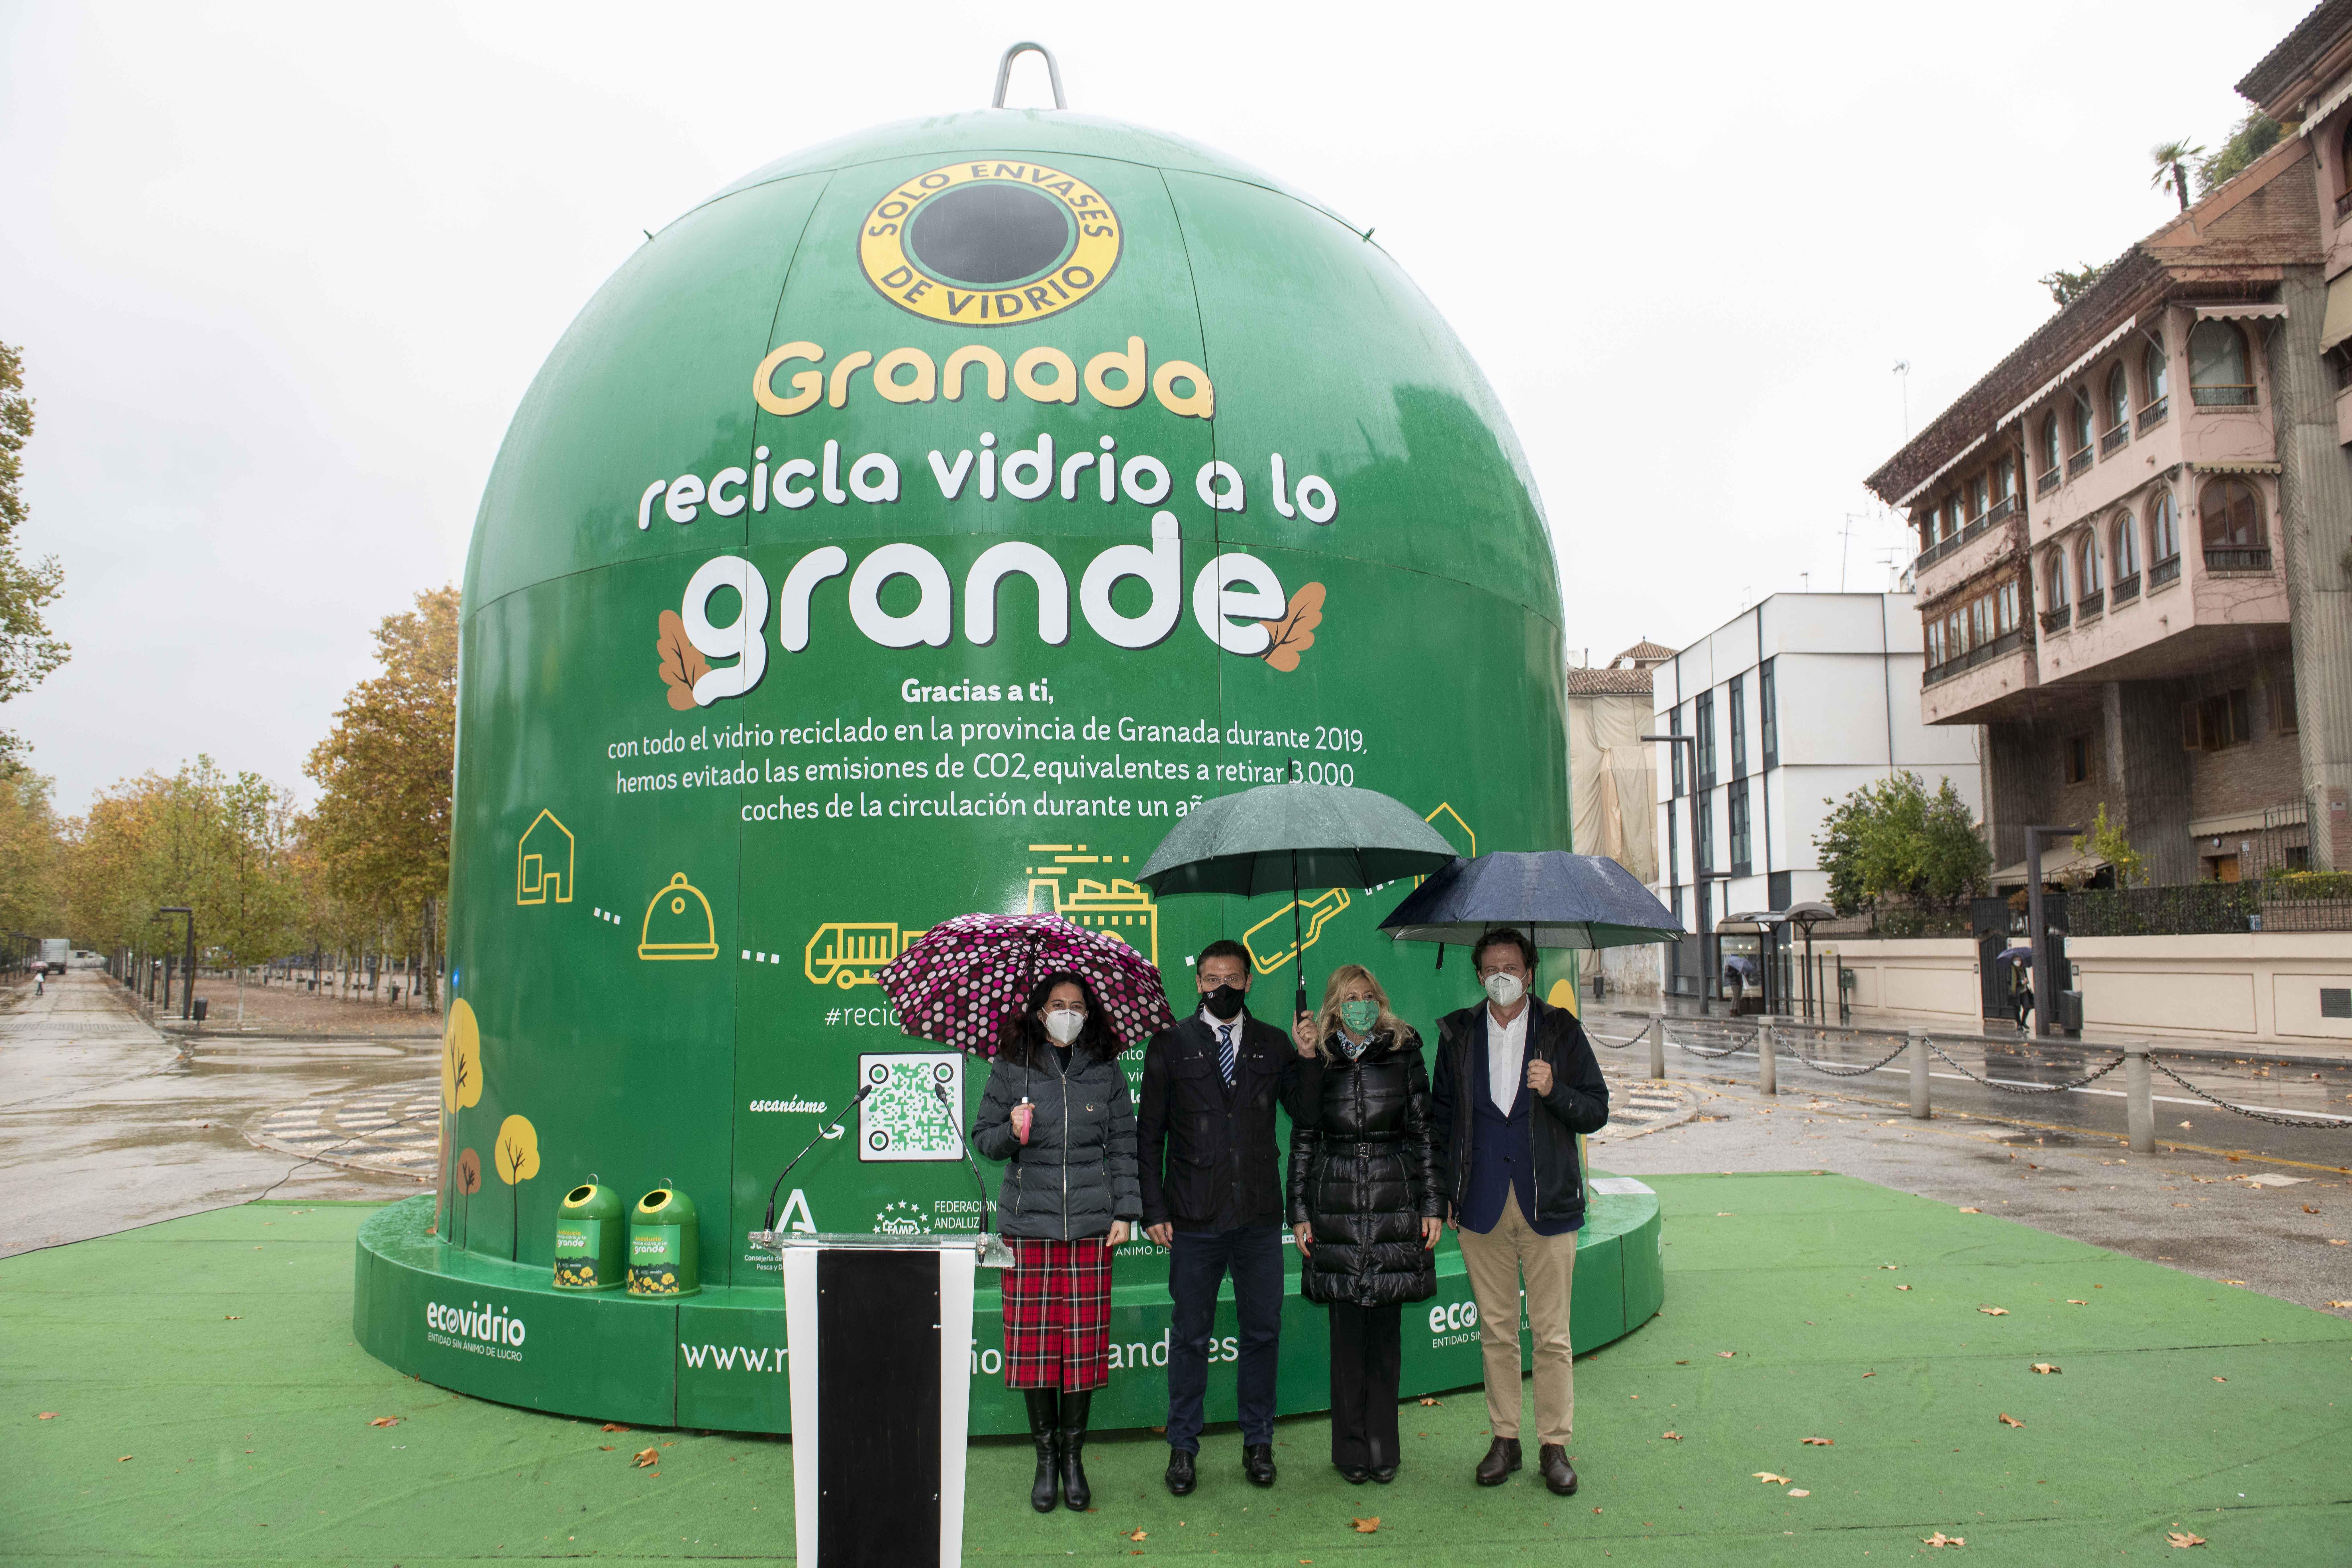 La campaña 'Andalucía recicla vidrio a lo grande' busca concienciar sobre la importancia de reciclar los envases de vidrio